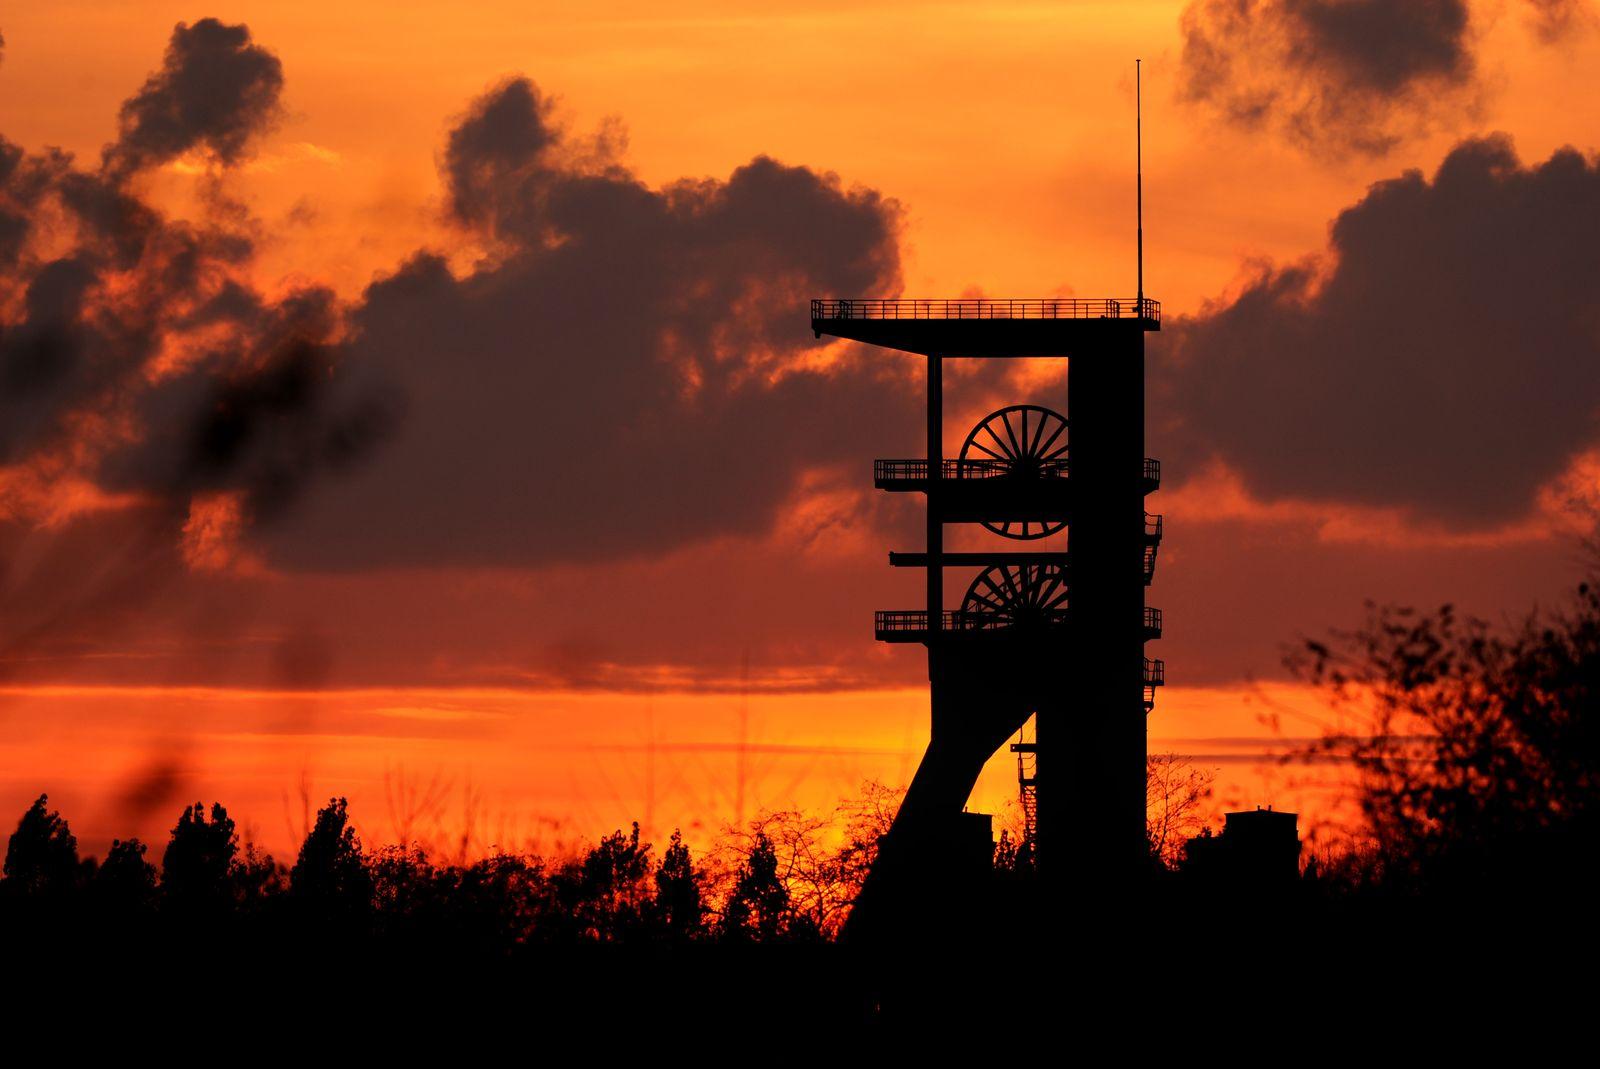 Malakowturm in Bottrop